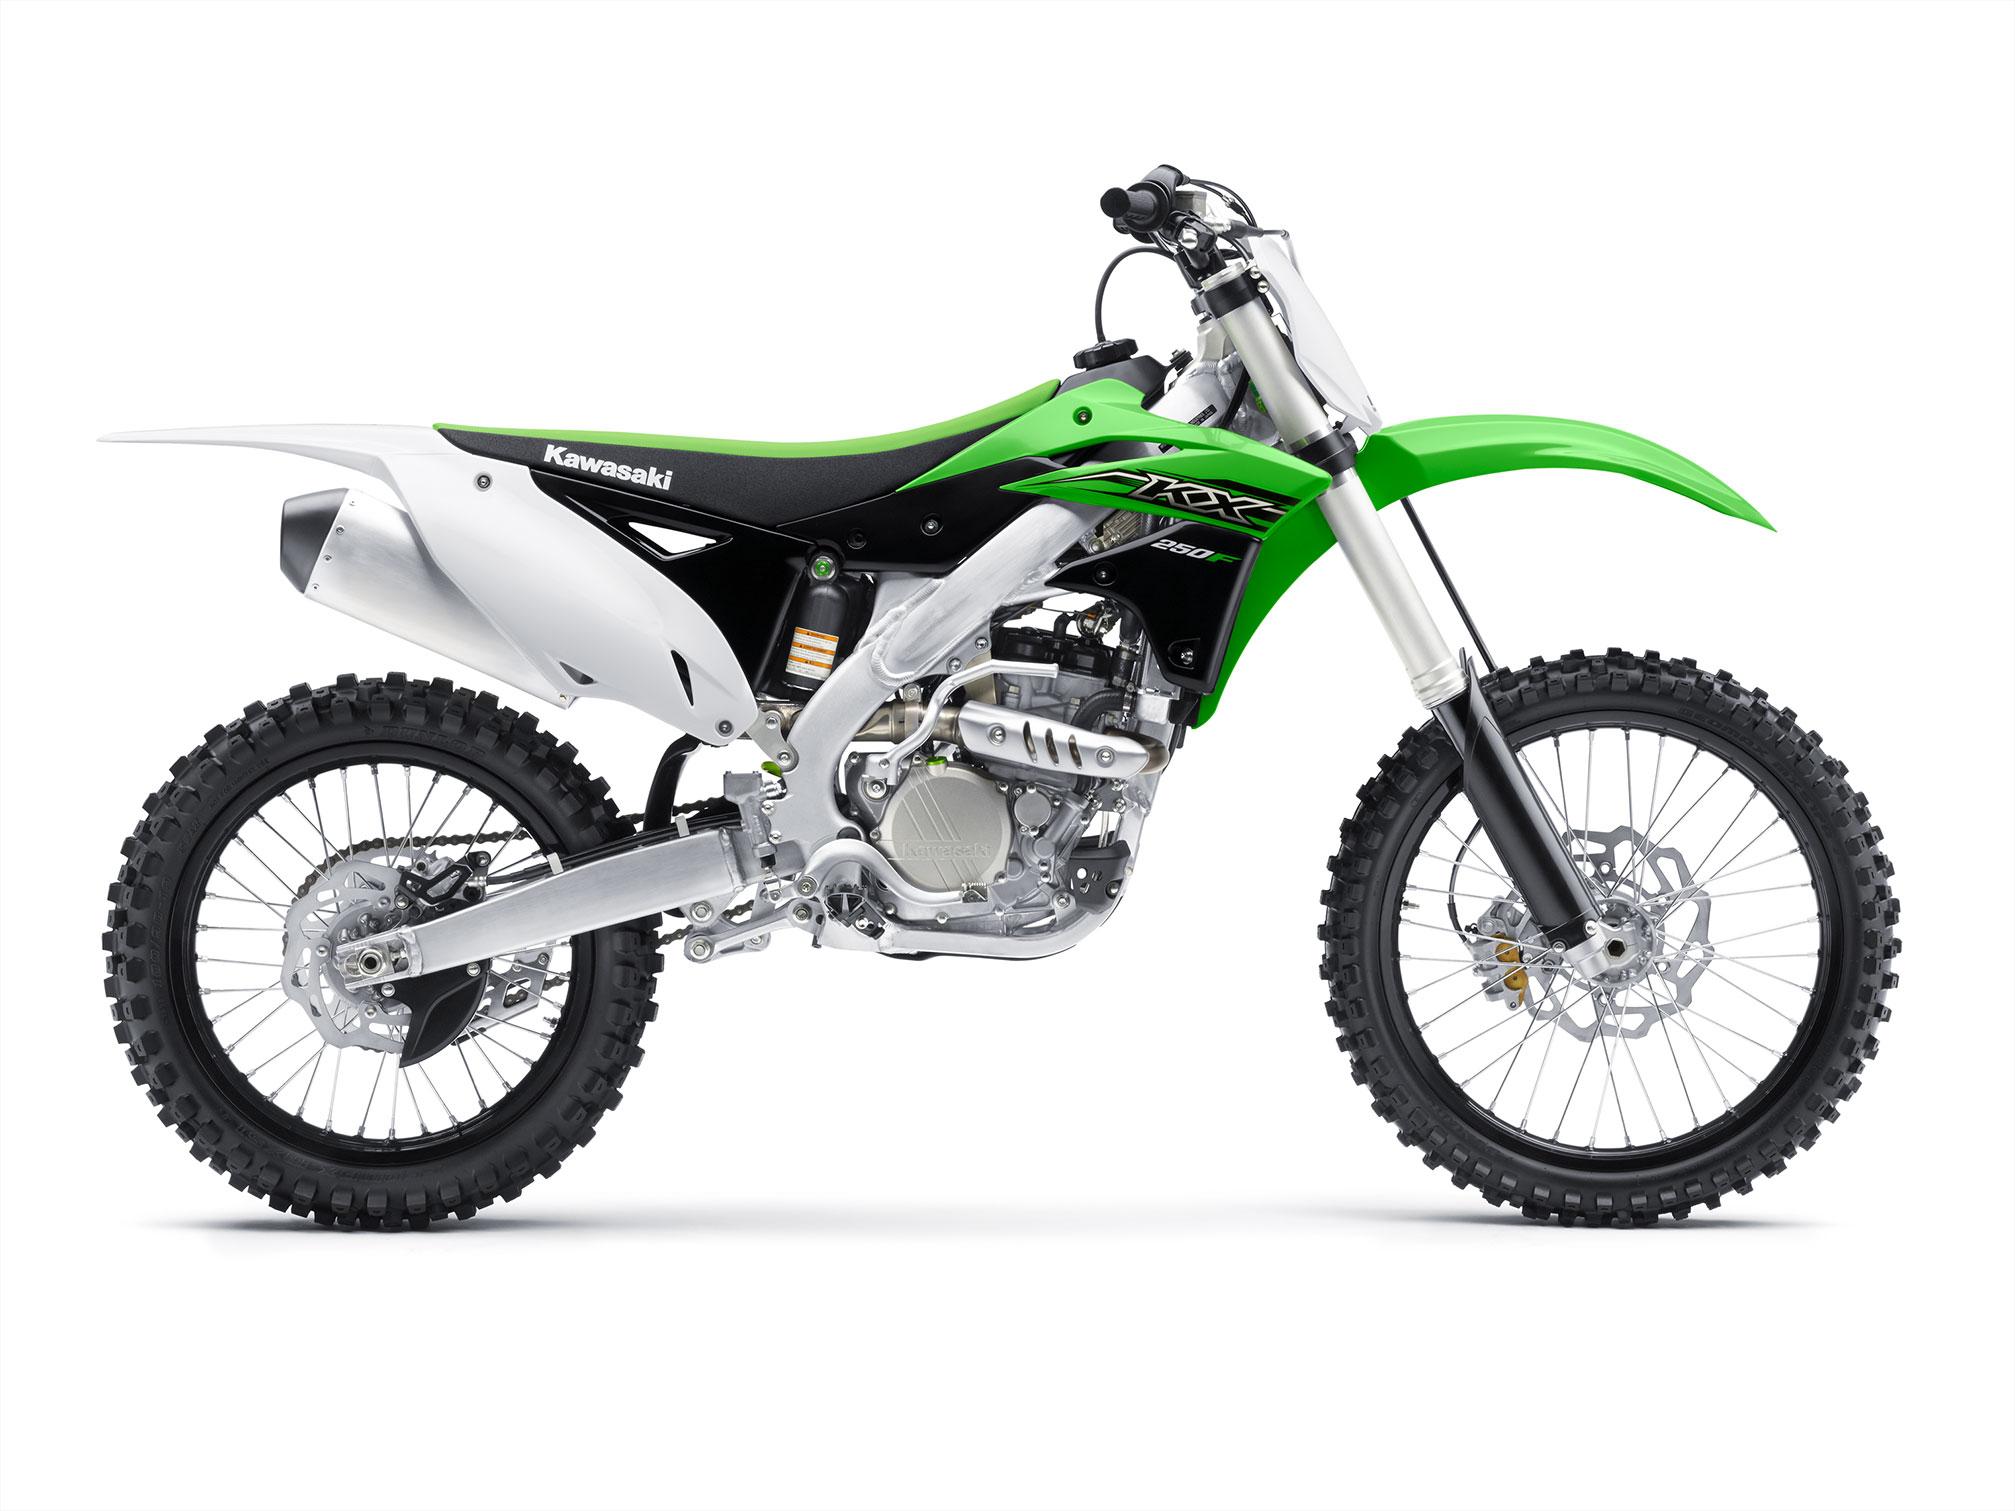 Kawasaki Kx250f 2014 Motorrad Bild Idee Wiring Diagram Download Image 2015 X 1511